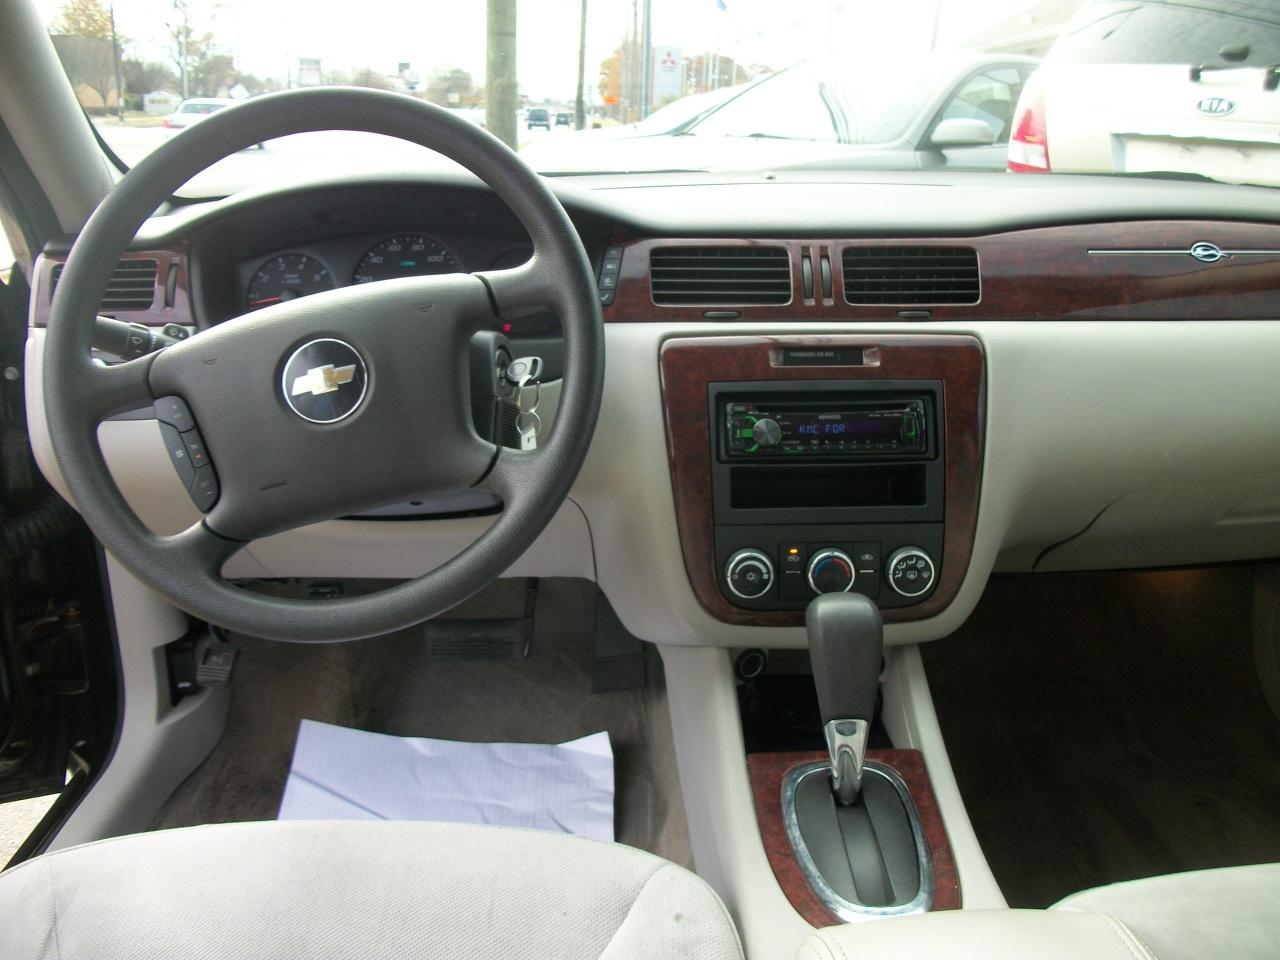 2008 Chevrolet Impala Pictures Cargurus